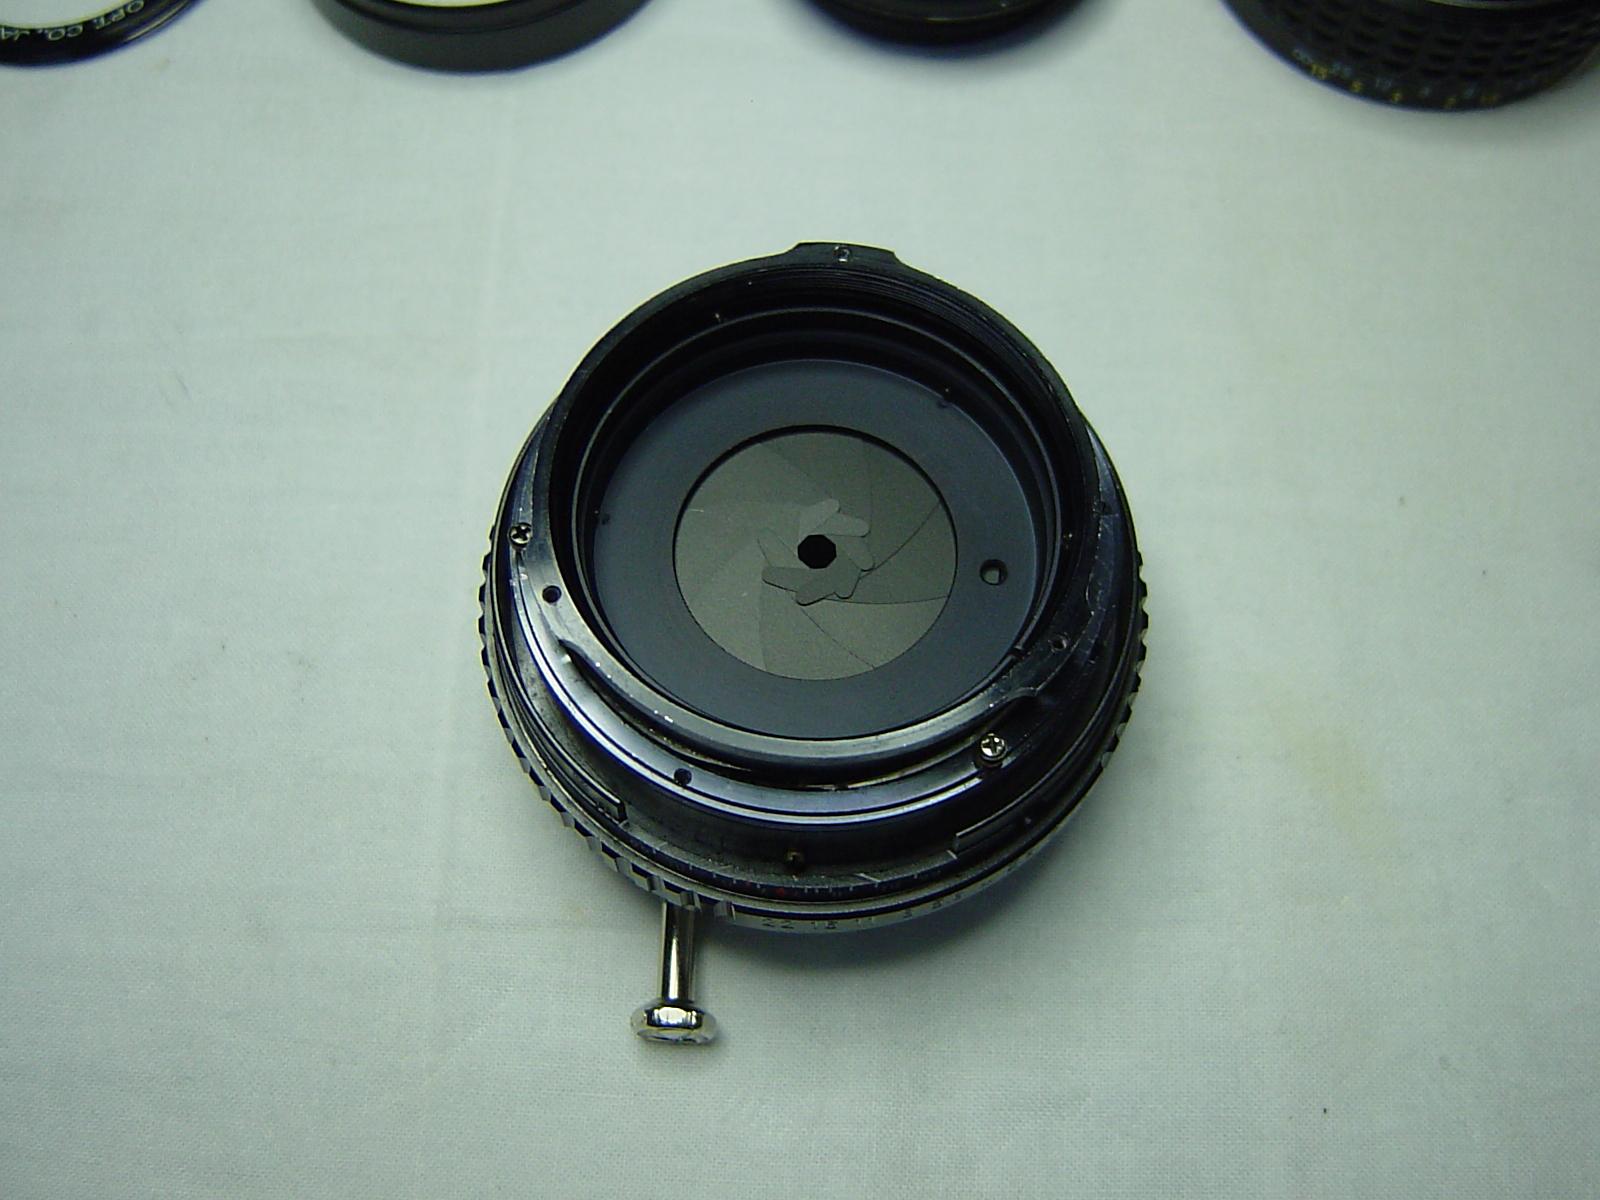 カメラ修理工房日記--みの虫のひとりごと                みのチャン